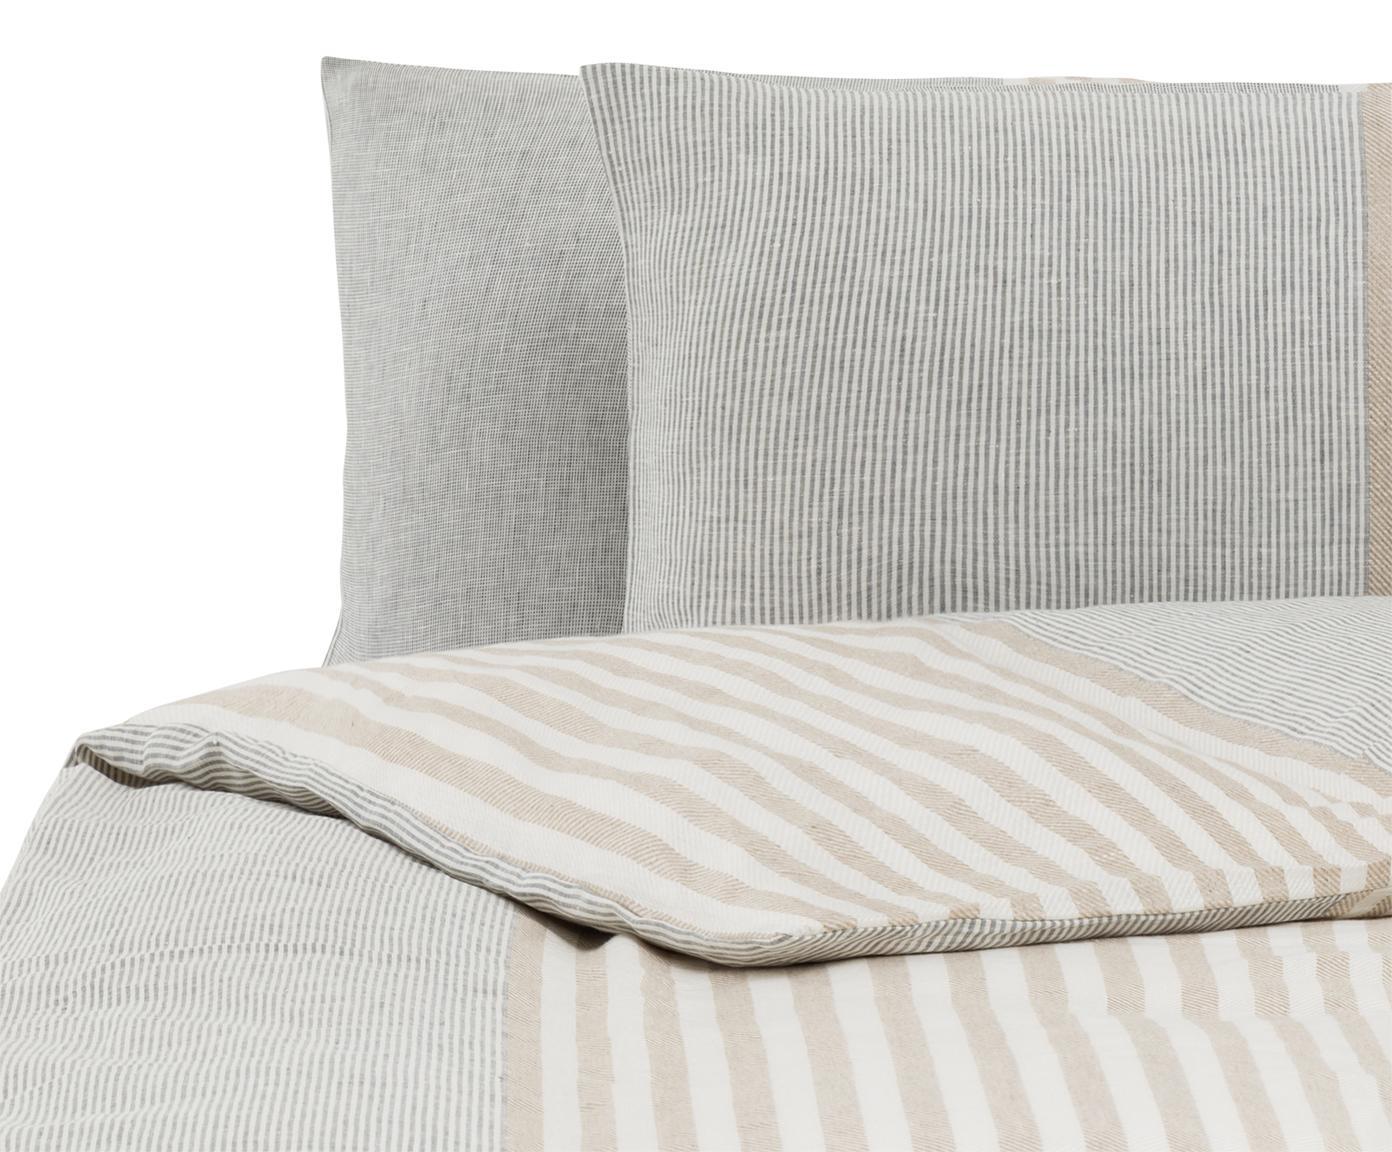 Parure copripiumino in lino Unico, Grigio, beige, crema, 250 x 260 cm